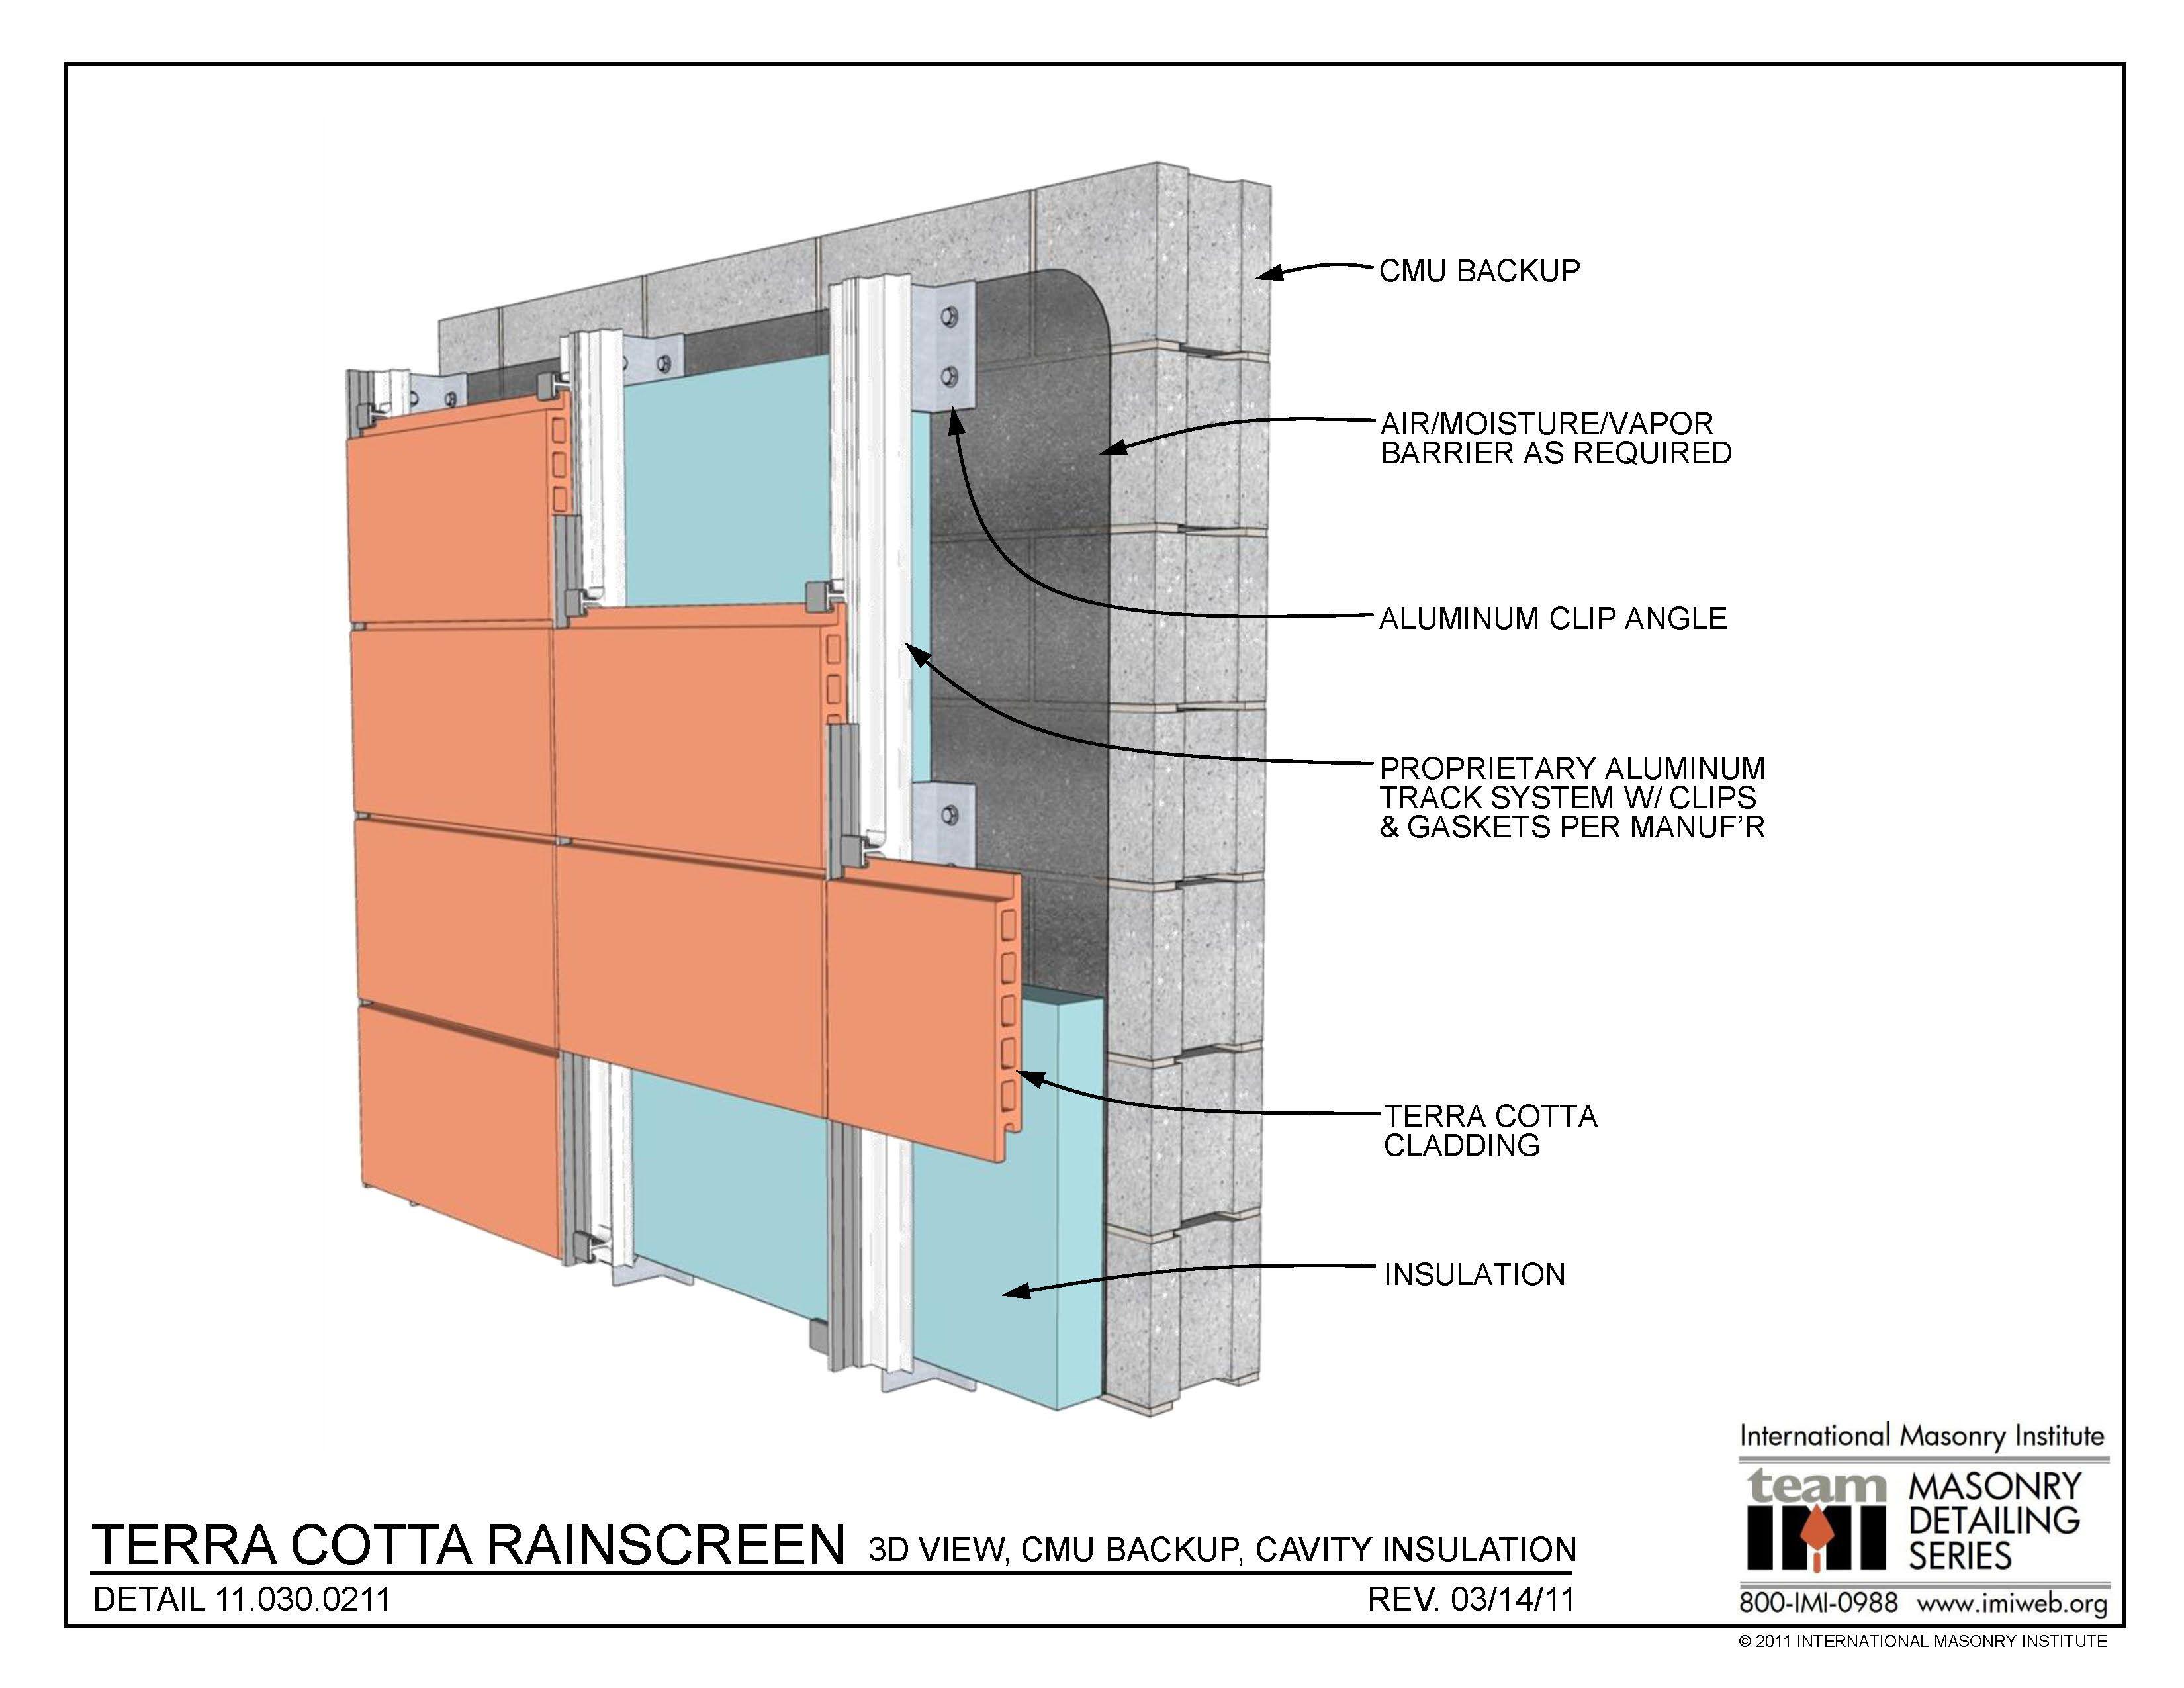 11 030 0211 Terra Cotta Rainscreen 3d View Cmu Backup Insulation ό Pinterest